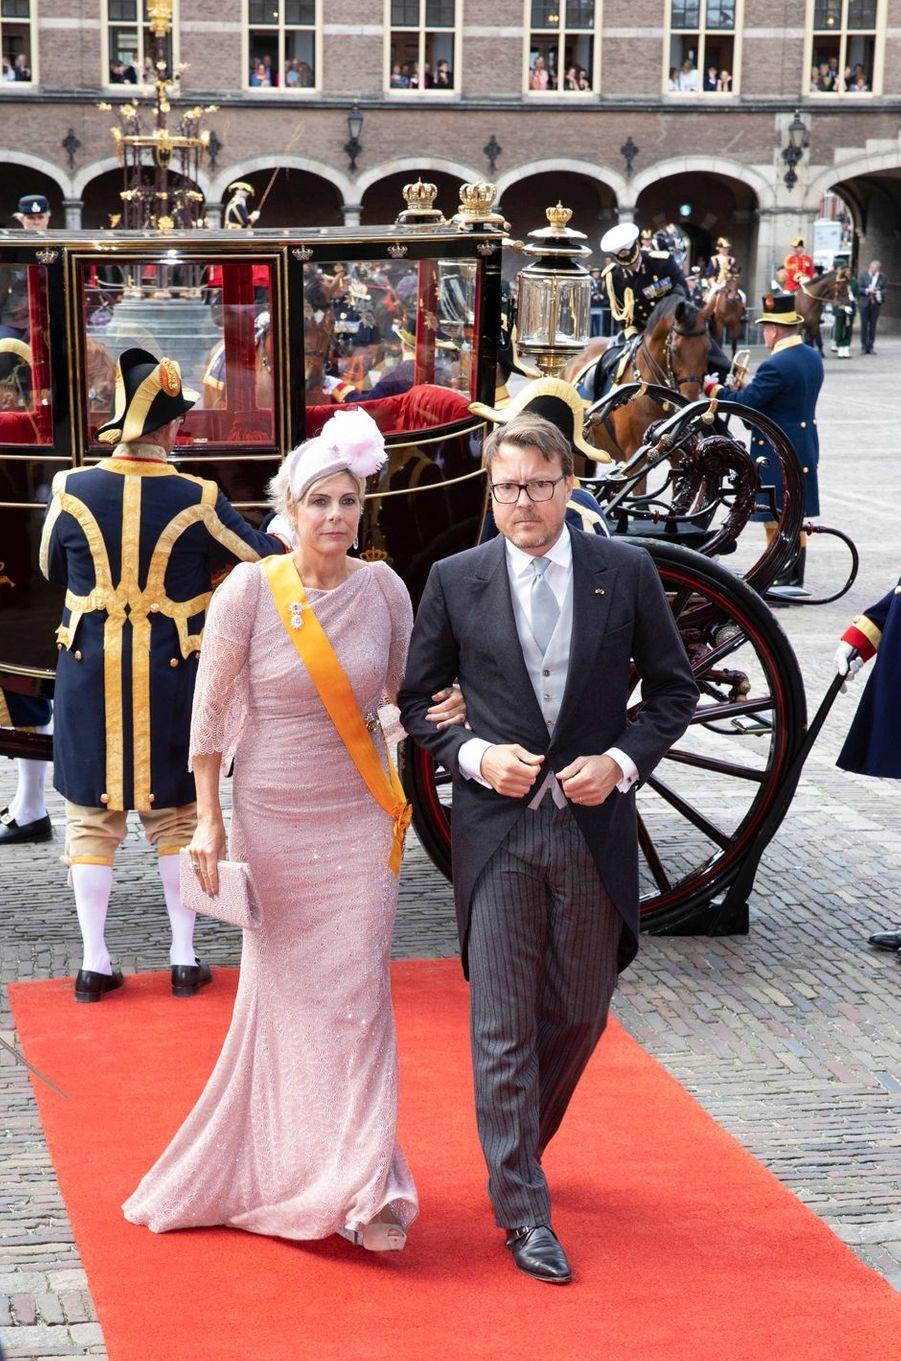 La princesse Laurentien et le prince Constantijn des Pays-Bas à La Haye, le 17 septembre 2019